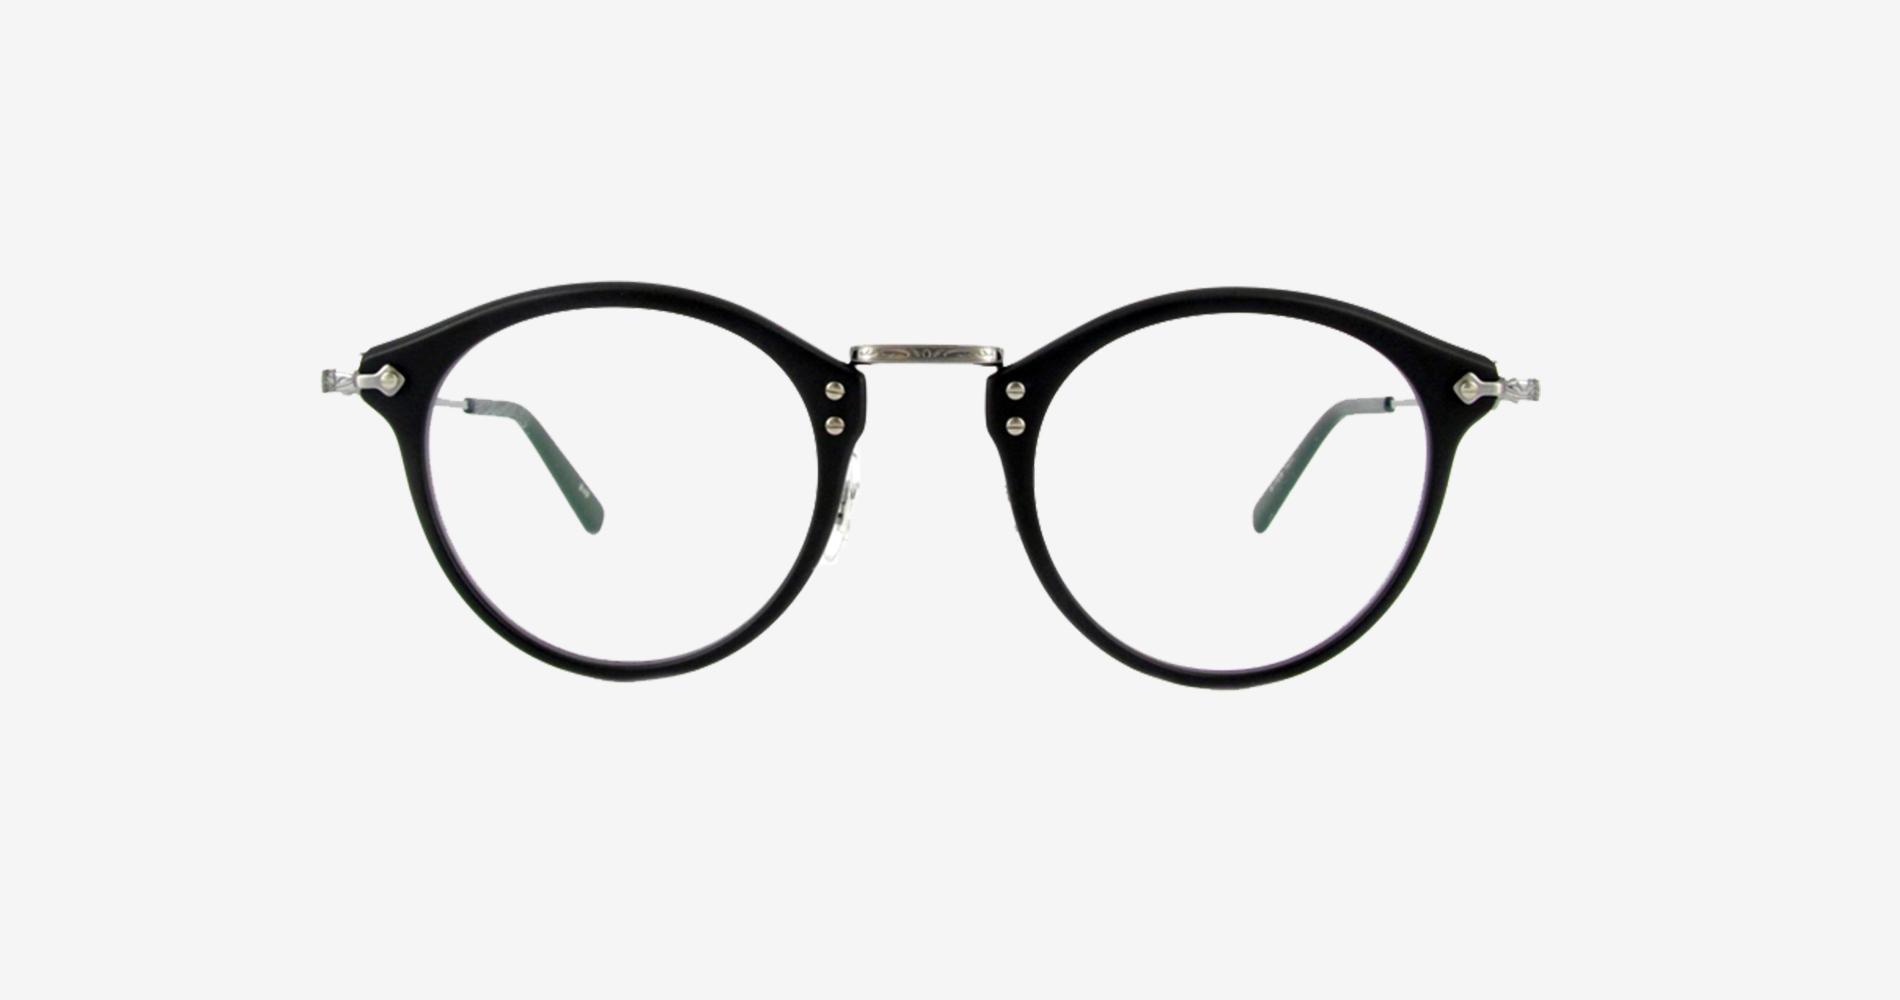 983baf3204 Comment choisir des lunettes qui me vont vraiment ? - Madame Figaro